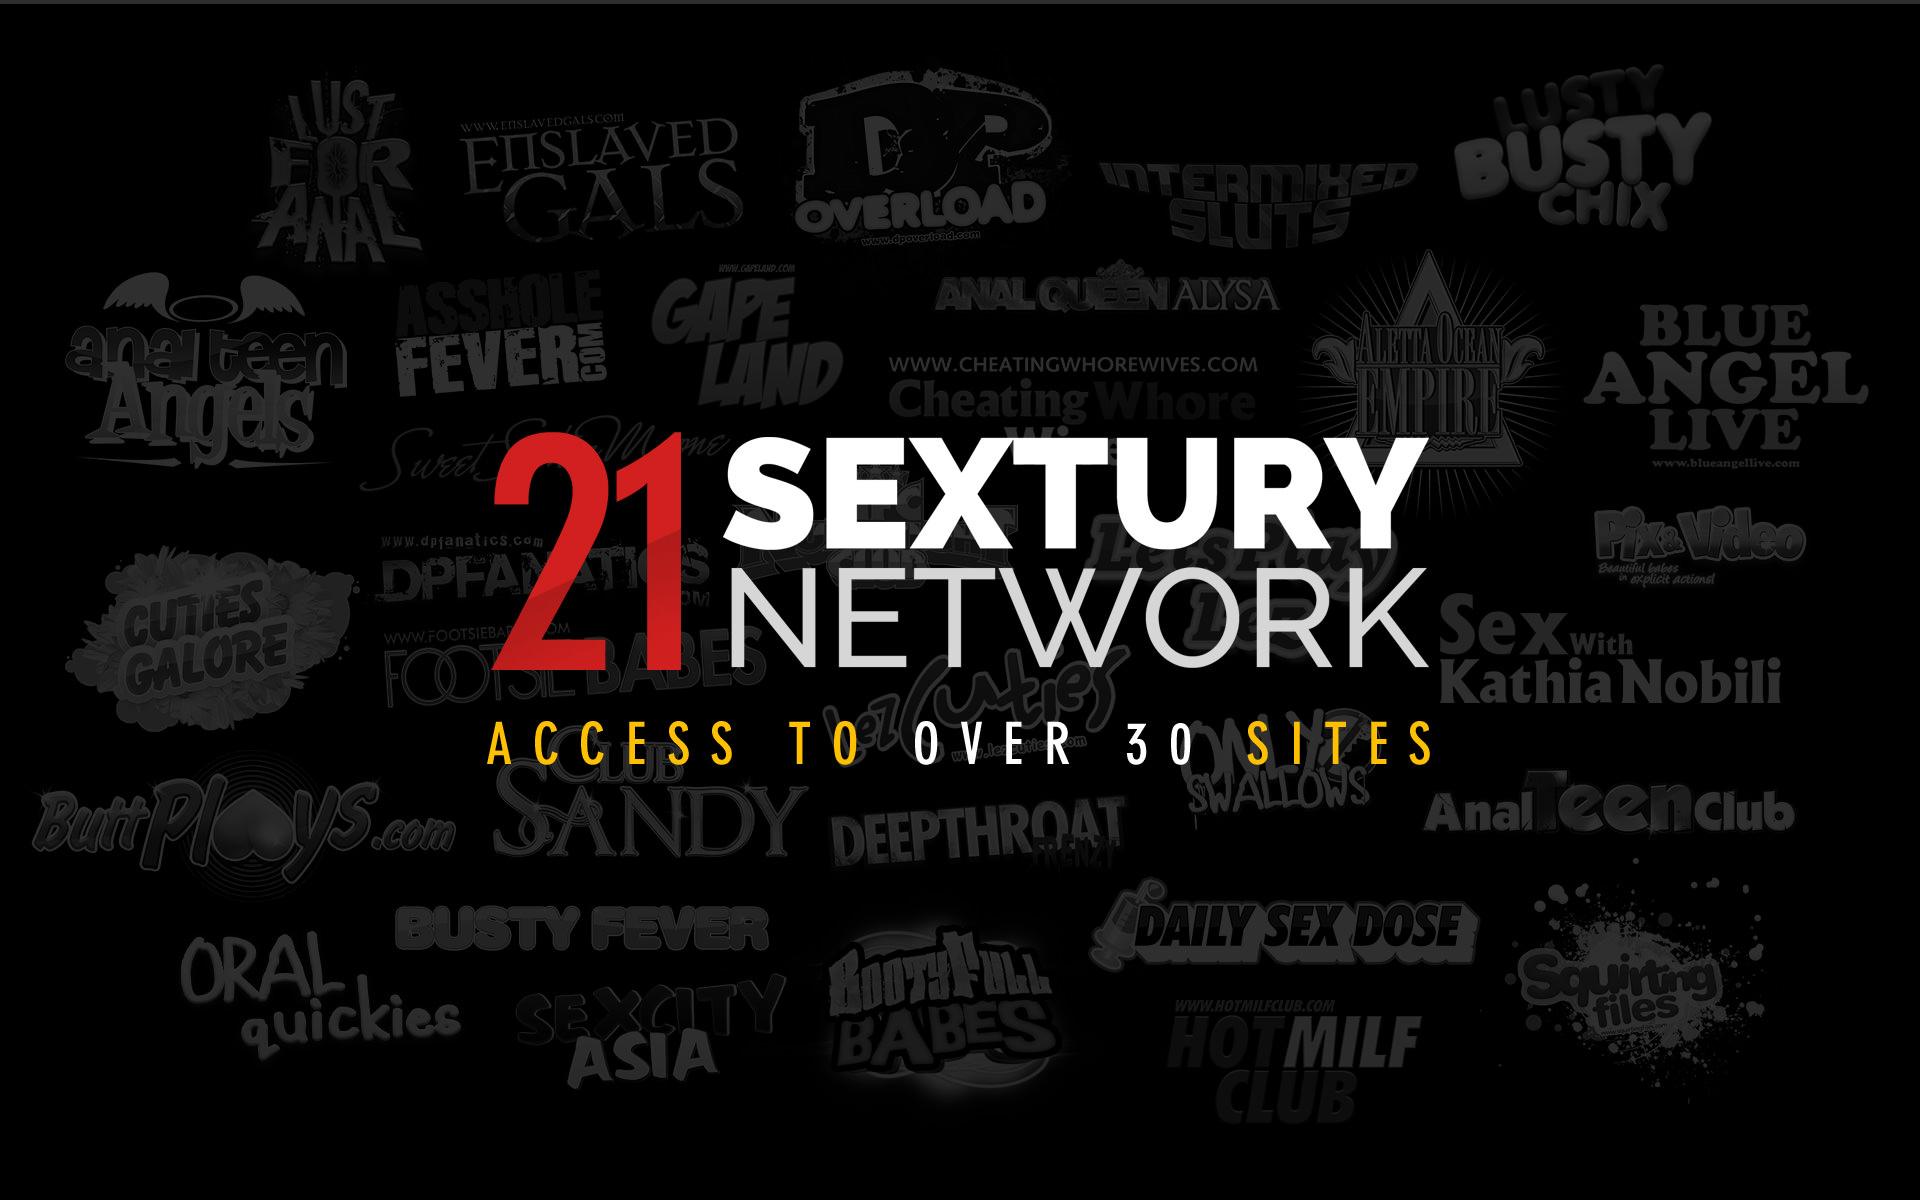 21Sextury Network